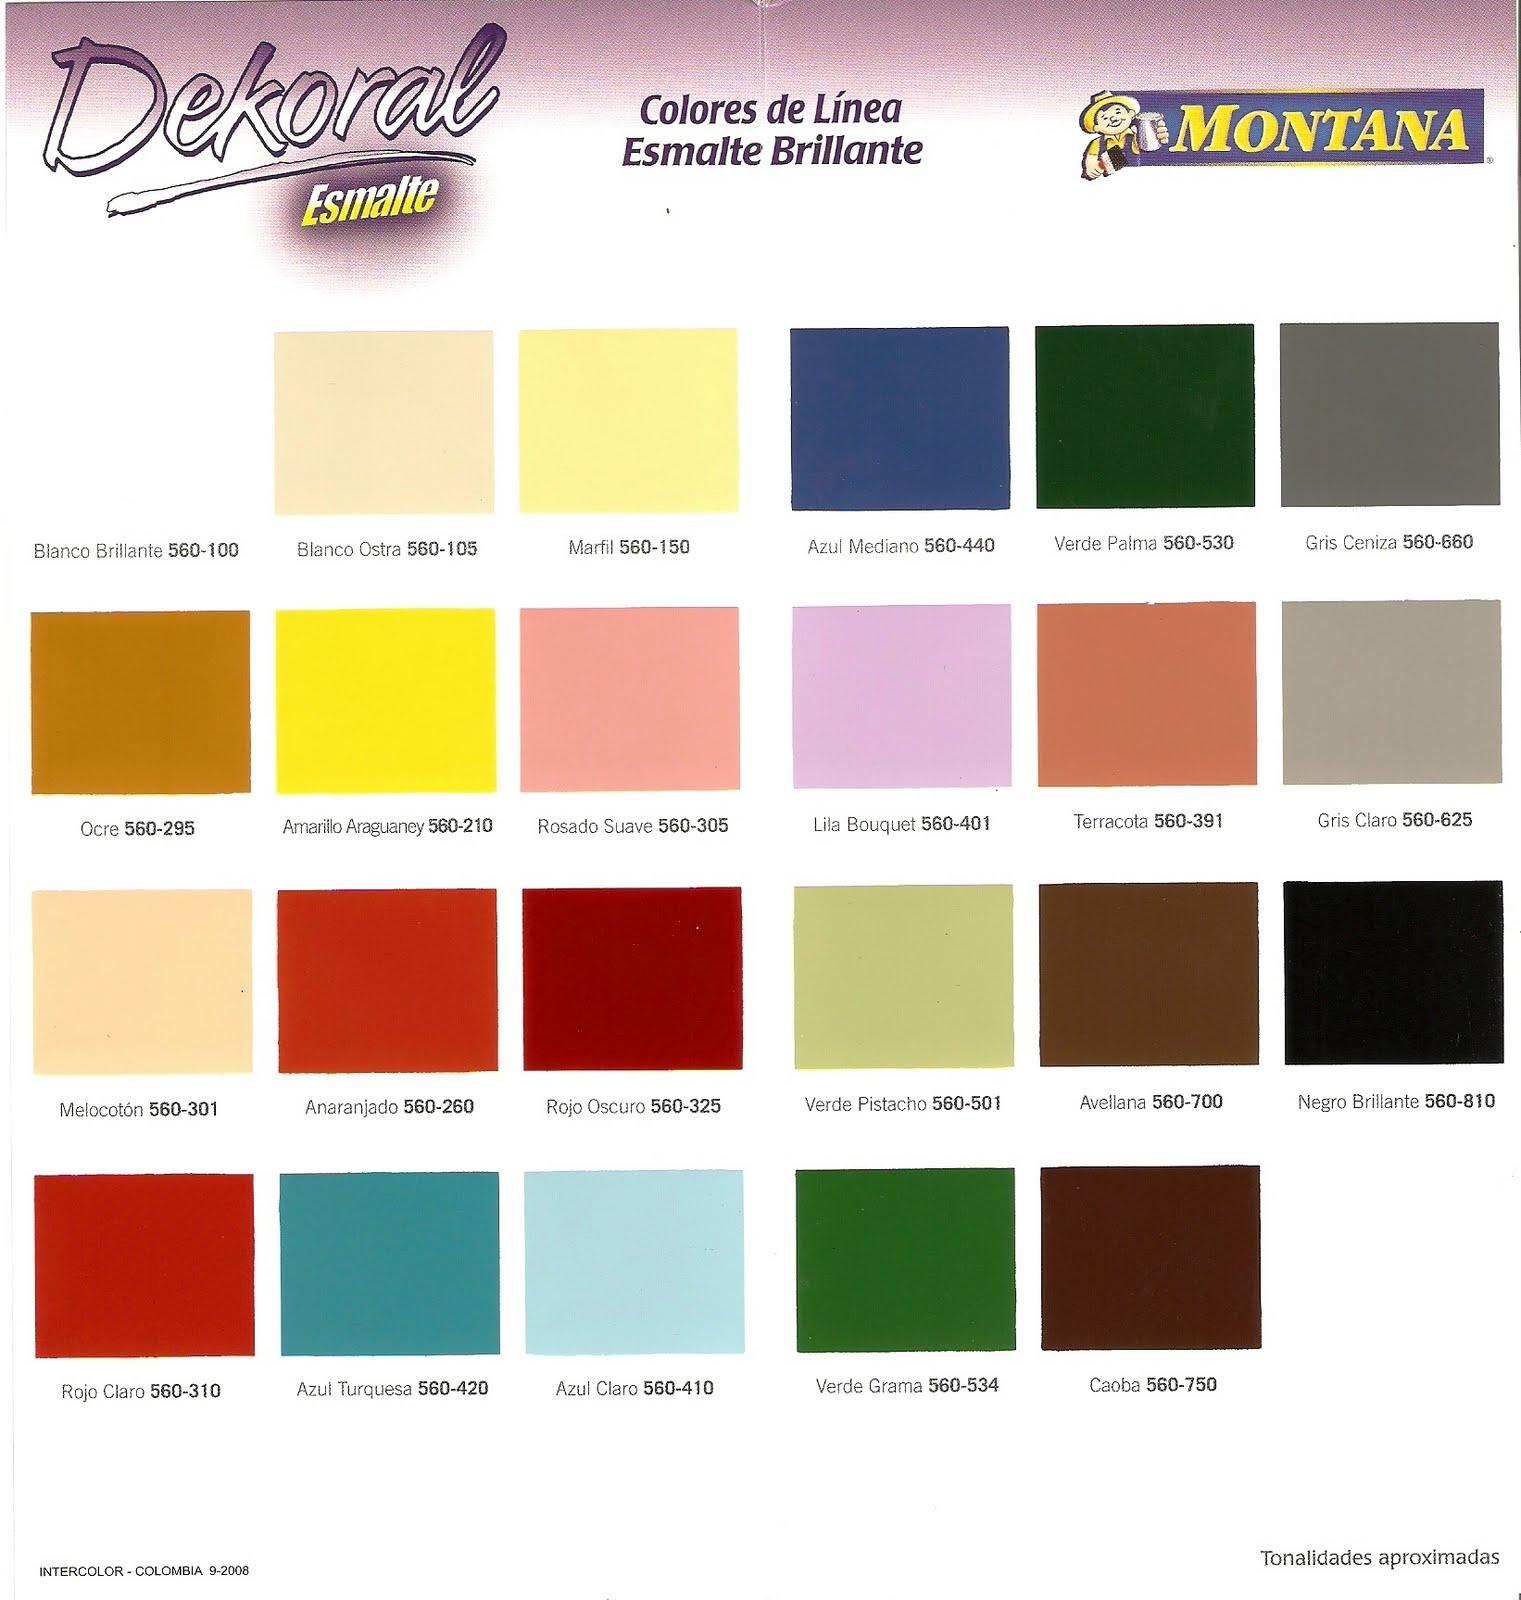 Inversiones fertorca c a pinturas av 2000 dekoral pinco for Muestras de colores de pintura